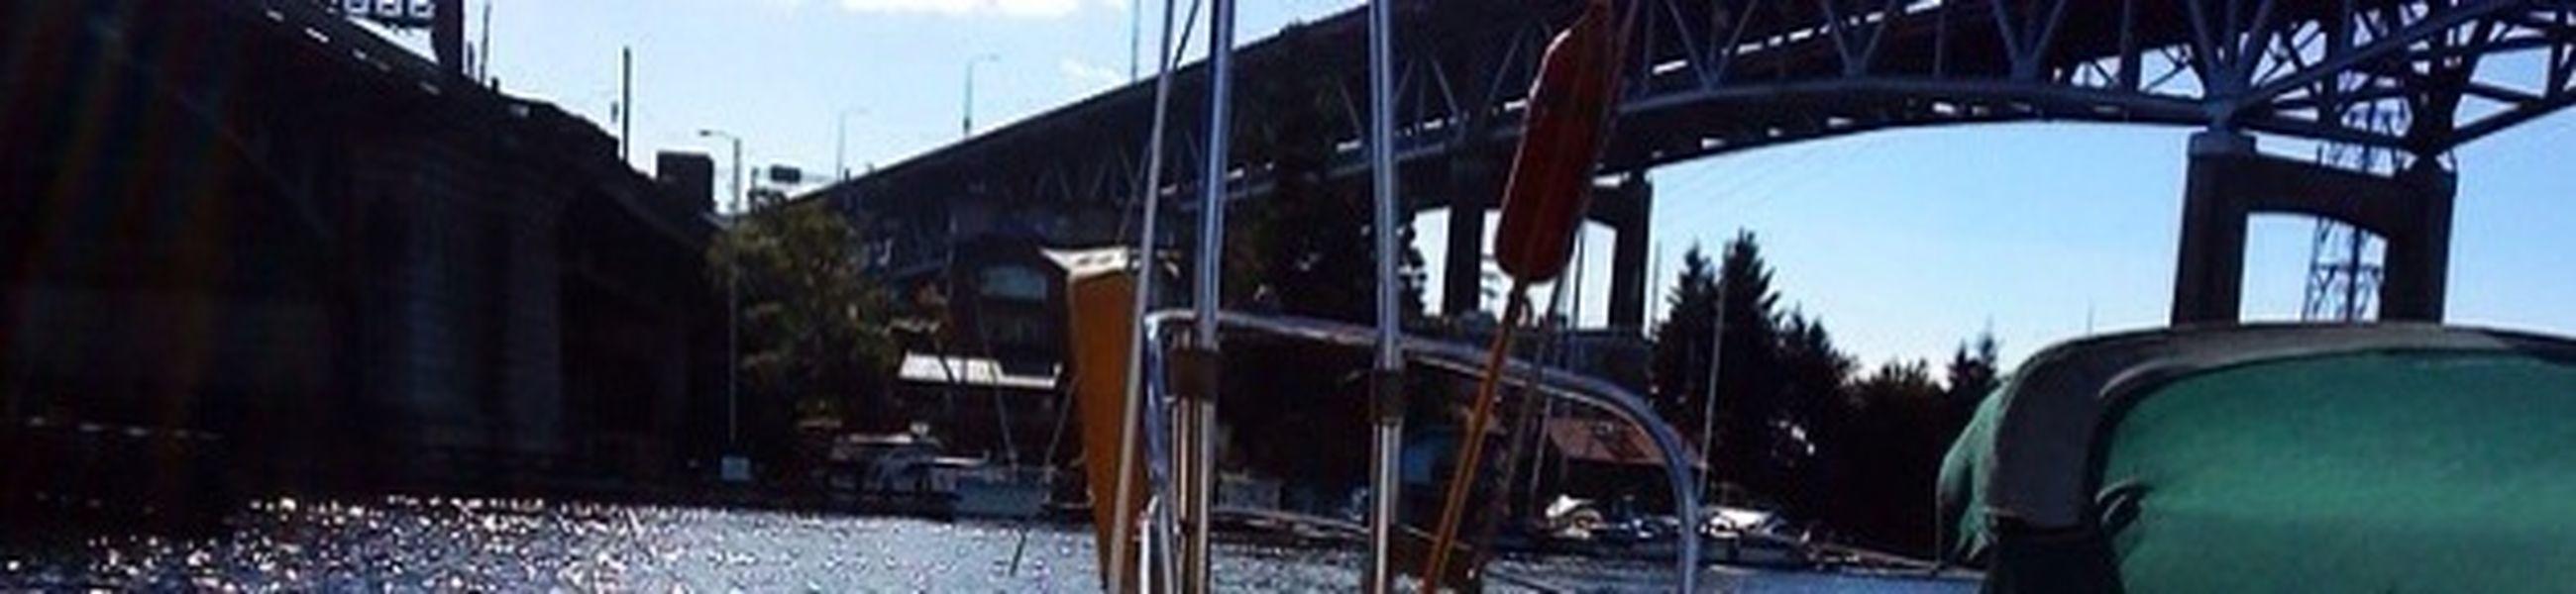 Sailboat Marina Water_collection Jolly Thin!